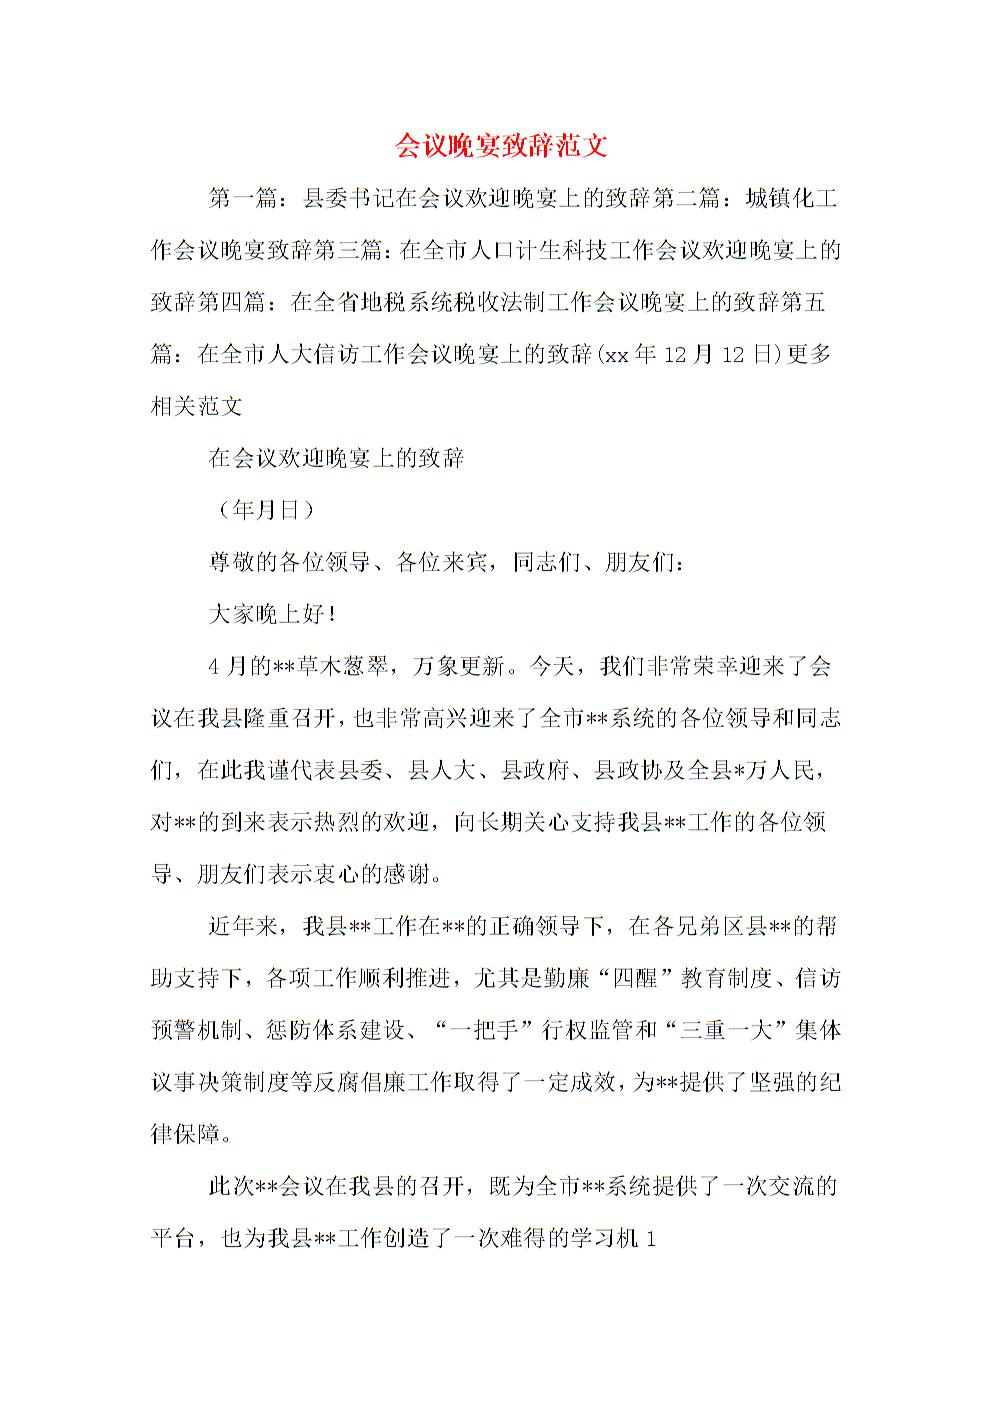 会议晚宴致辞范文.doc